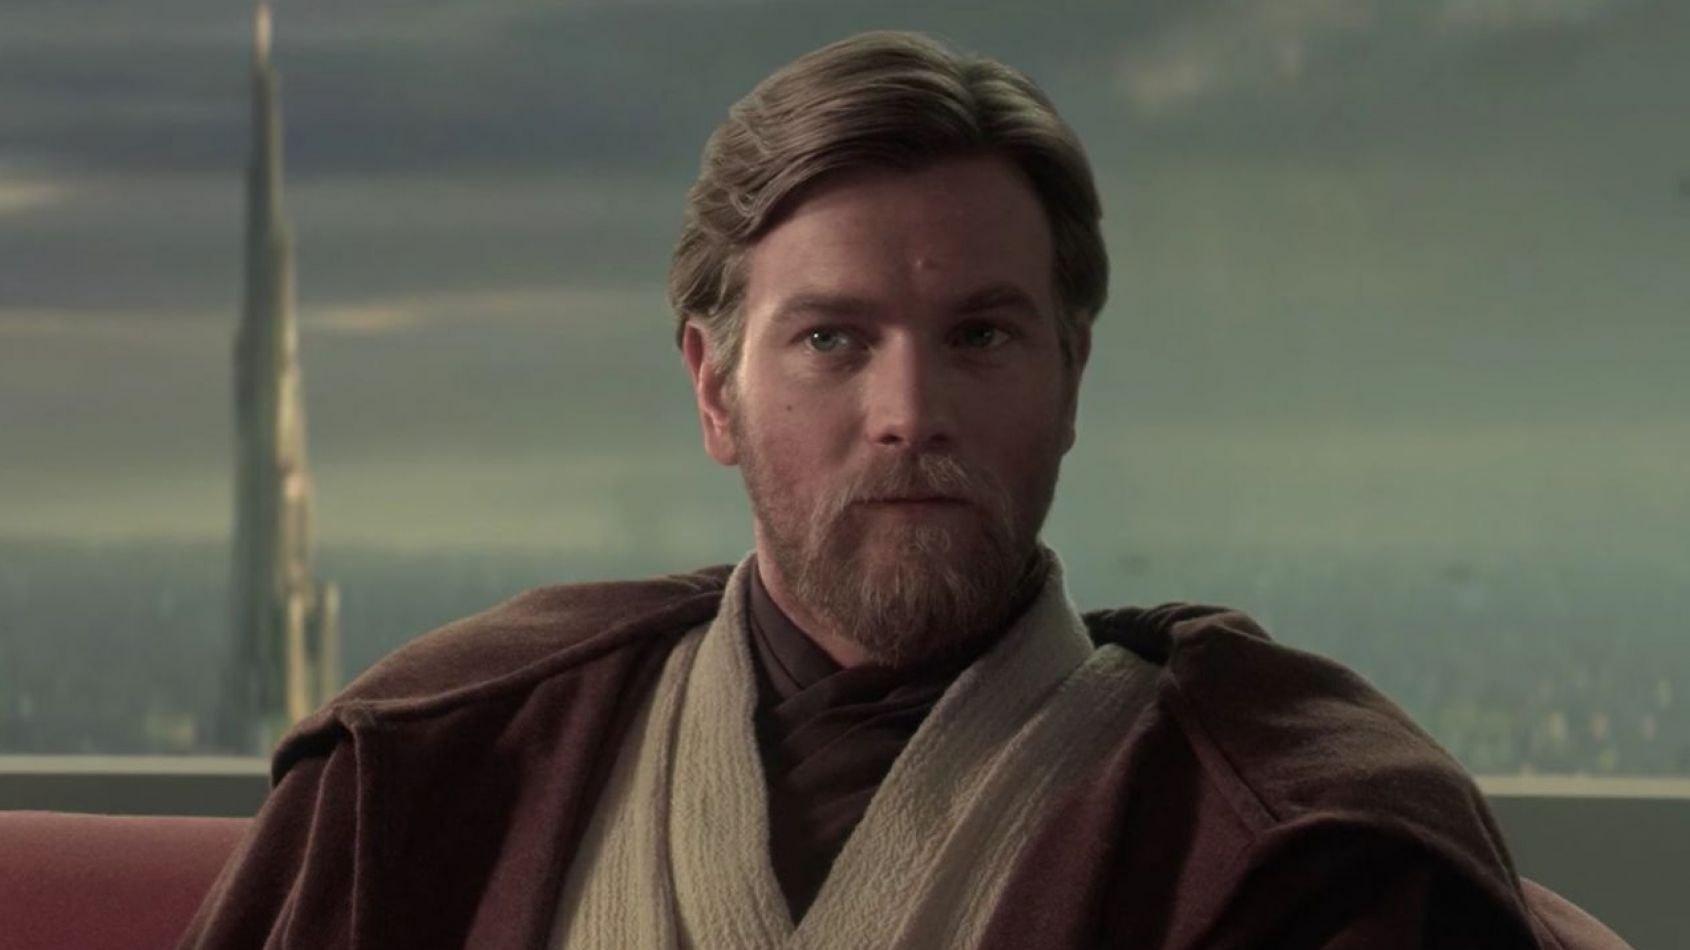 Le tournage du spin-off sur Kenobi en 2019 ?